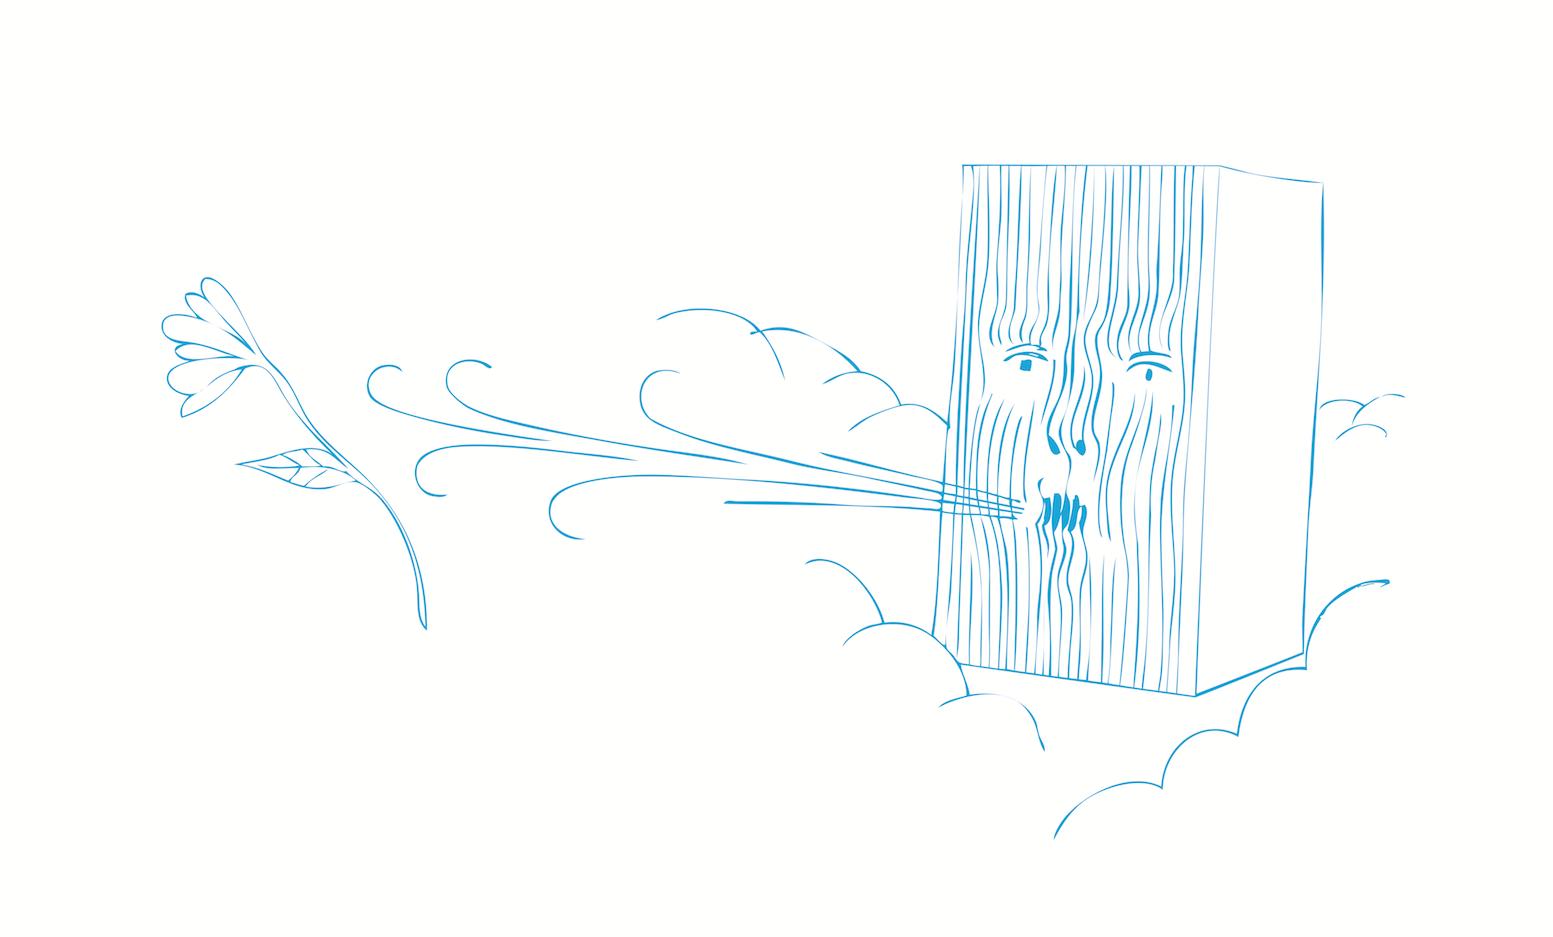 Eolo - Rotaliana, 2009con Dante DoneganiE' una piccola lampada antropomorfa che diffonde luce cromatica e profumi ambientali. Il parallelepipedo è inciso sottili lamelle che modellano i lineamenti di un volto che soffia aria profumata . Come il dio dei venti - a volte impetuoso a volte delicato- Eolo rilascia il profumo prescelto in maniera graduale o intensa in accordo con l'umore del momento e la tonalità di colore.